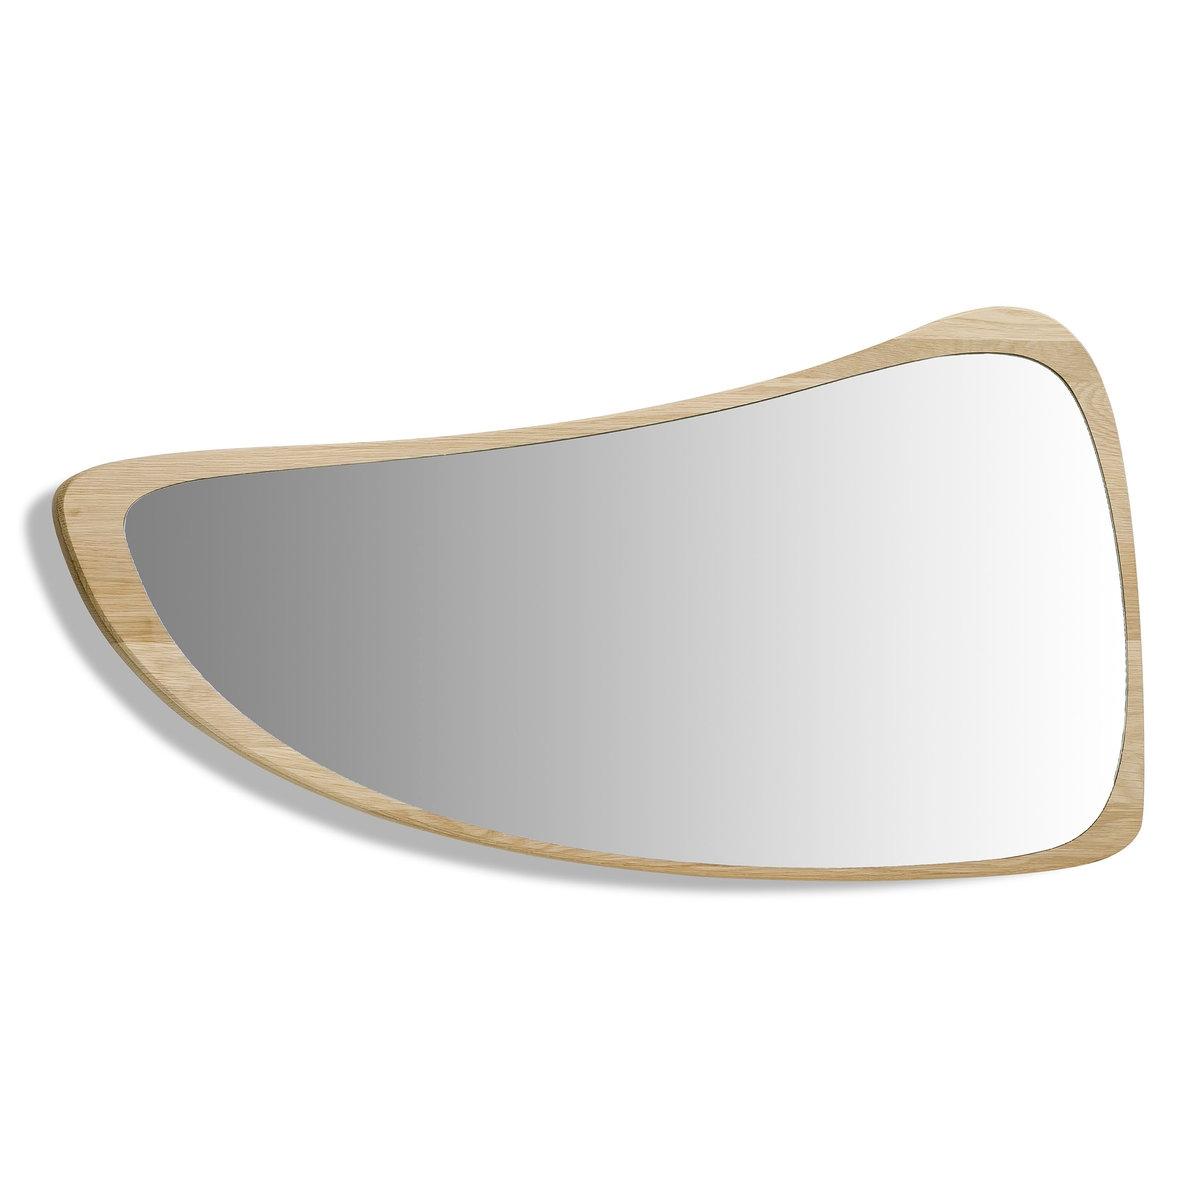 Зеркало La Redoute Д x В см Principe единый размер бежевый зеркало la redoute прямоугольное большой размер д x в см barbier единый размер другие